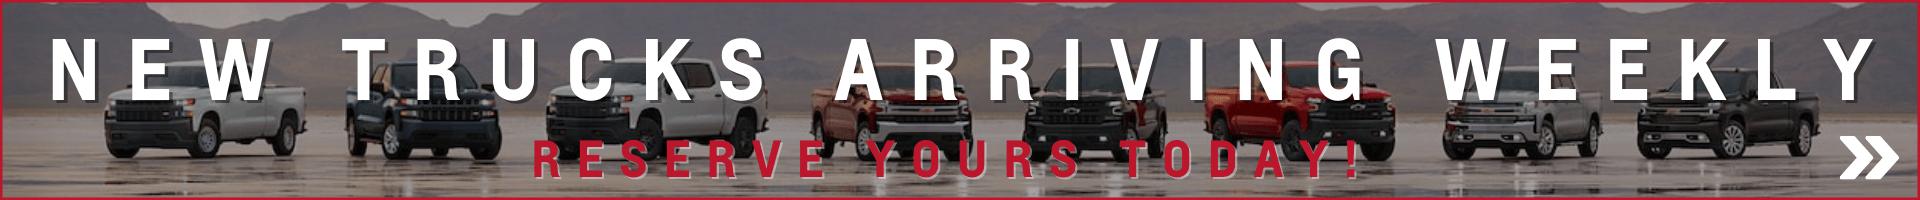 Silverado Reserve your truck Oshawa